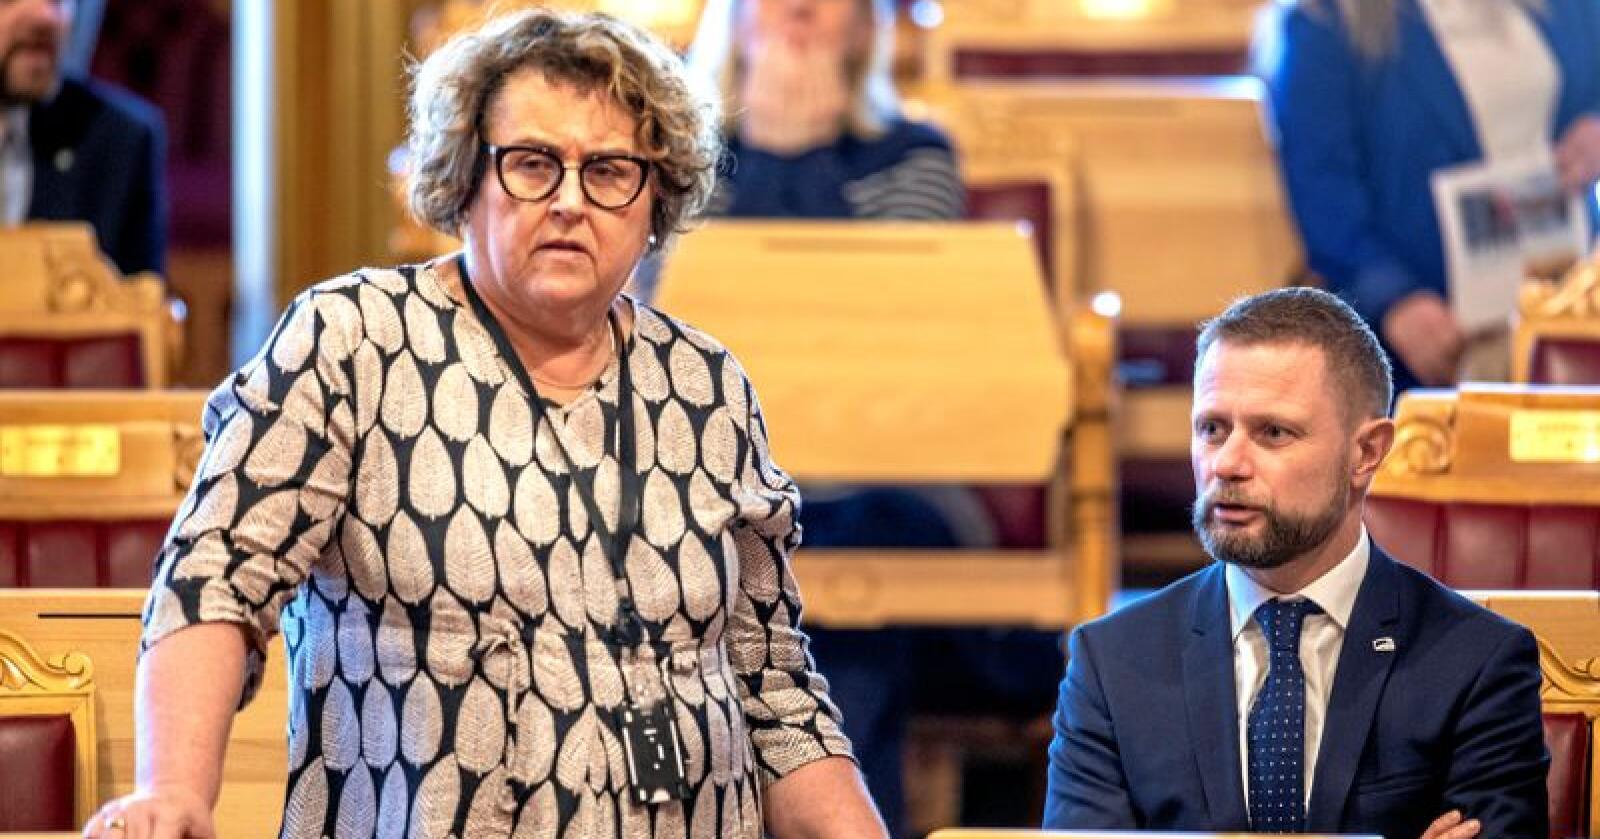 Landbruks- og matminister Olaug Bollestad (KrF) i Stortinget torsdag. Til høyre helseminister Bent Høie (H). Foto: Ole Berg-Rusten / NTB scanpix